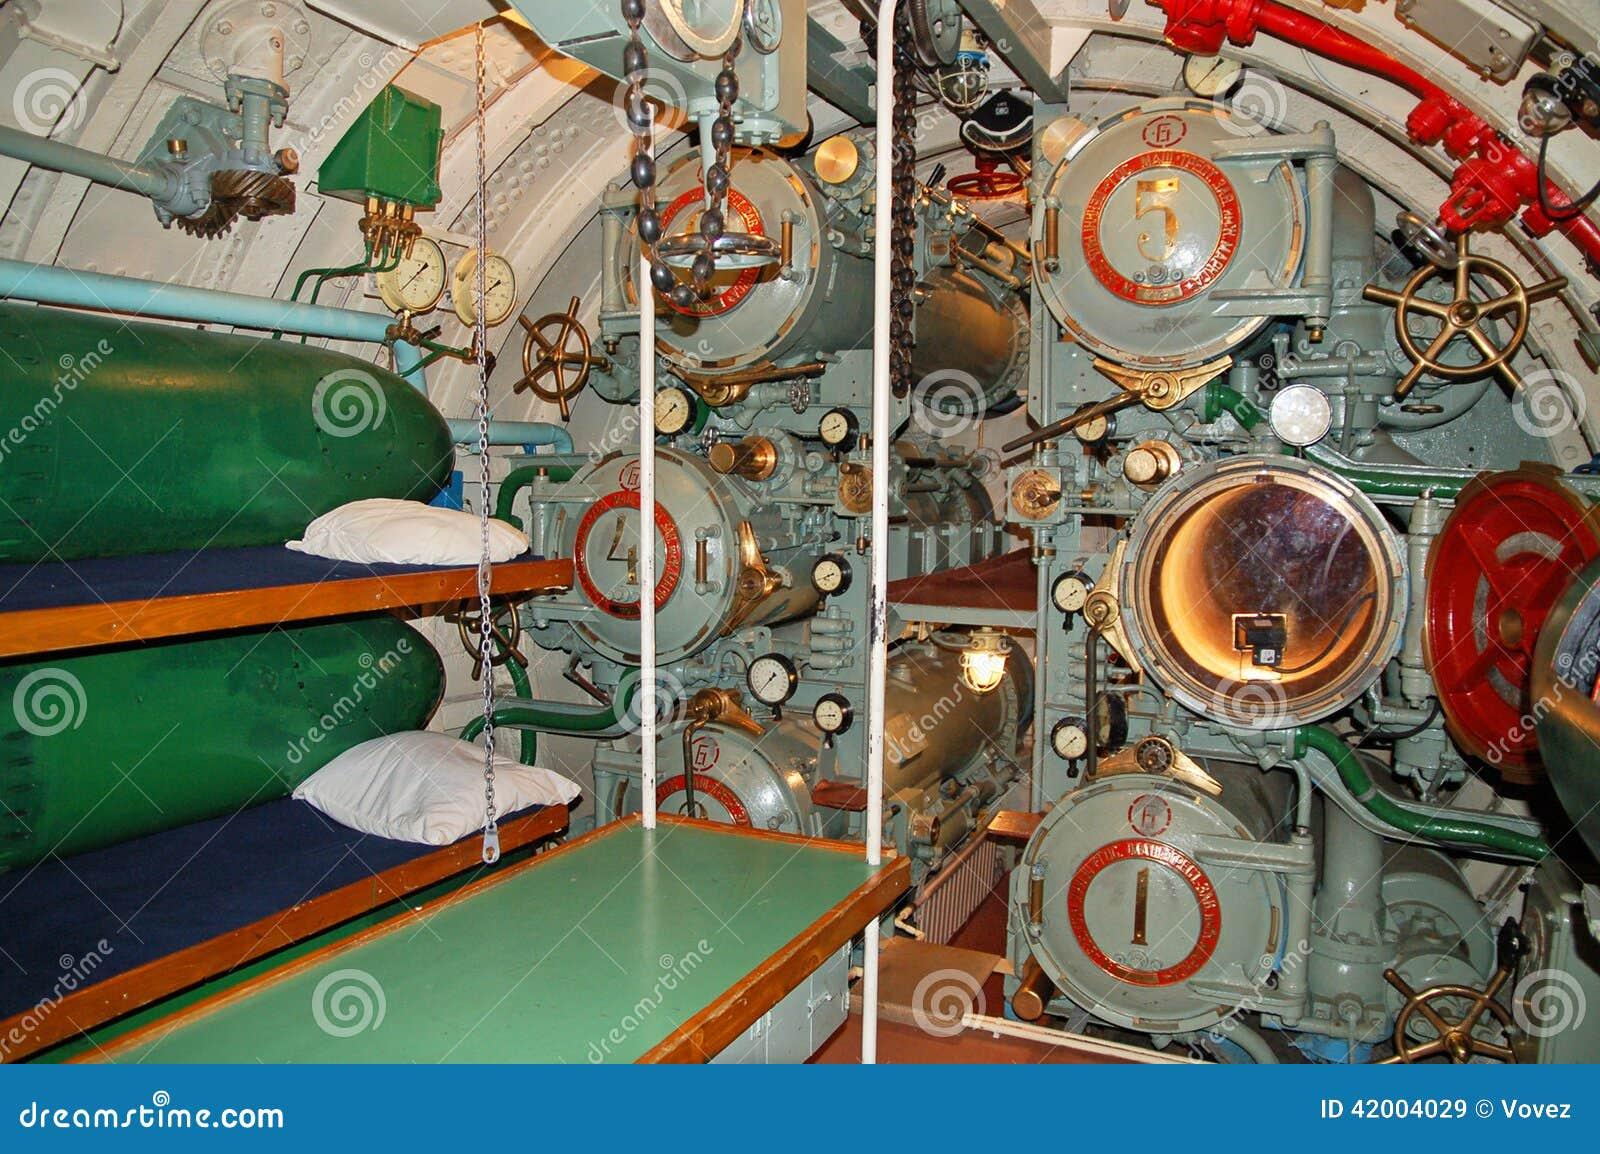 L 39 interno del sottomarino lanciasiluri immagine stock for Interior submarino